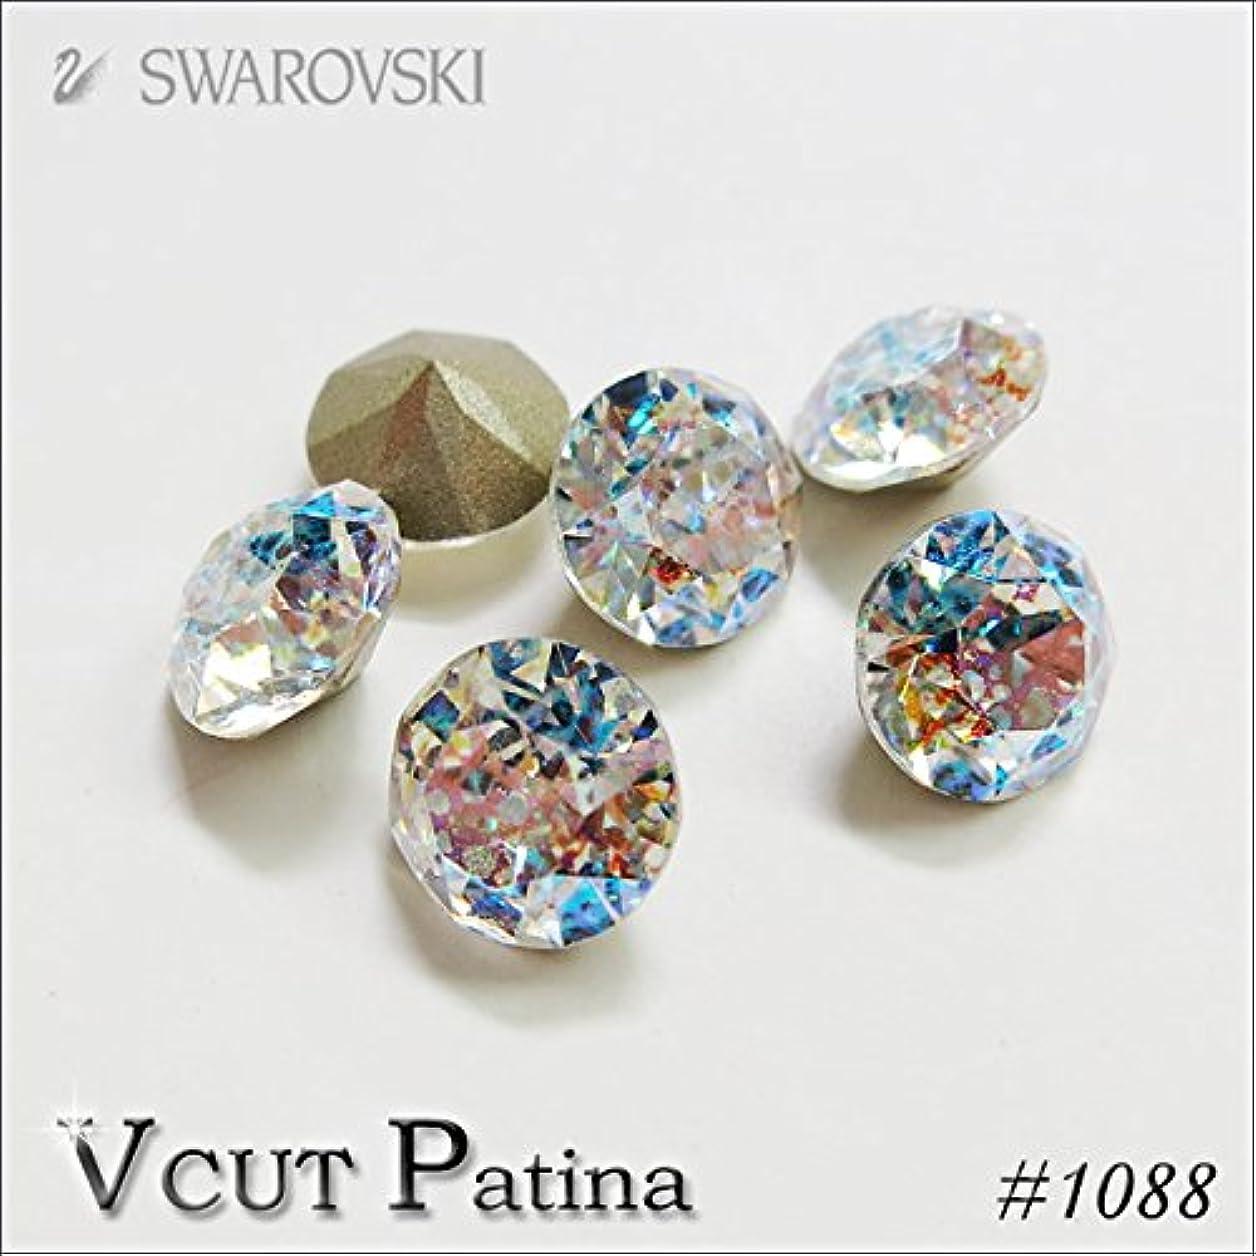 スワロフスキー Vカット(埋込型)#1088 ●パティナシリーズ● クリスタルホワイトパティナ ss29(約6.2mm) 3粒入